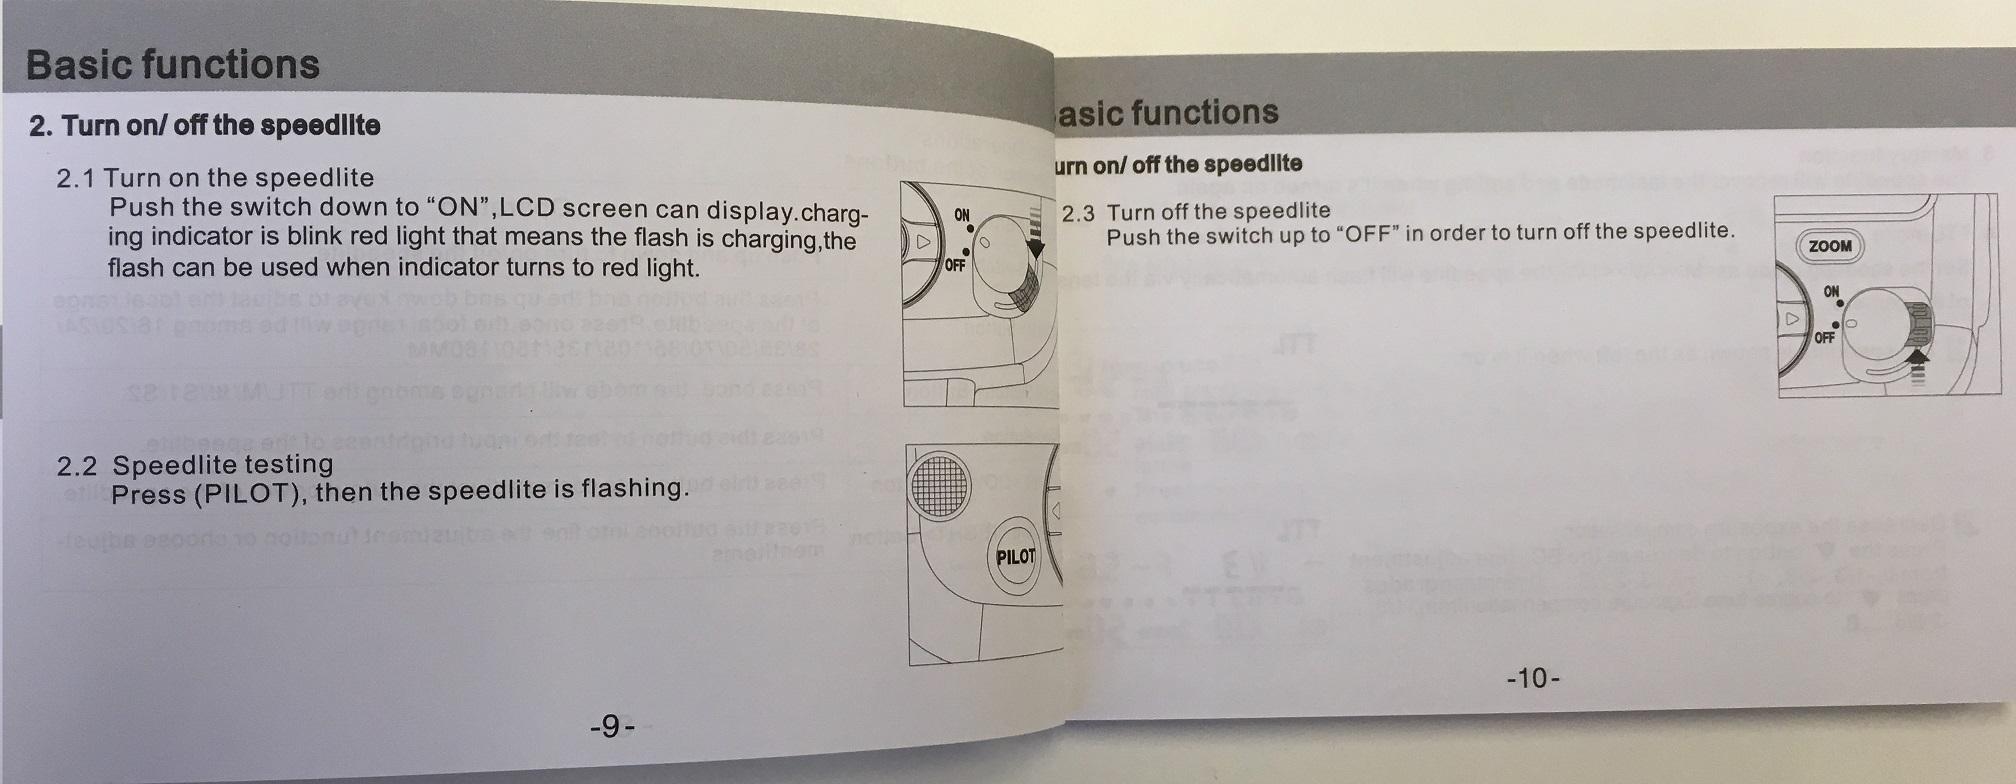 User Manual for Speedlite VK430